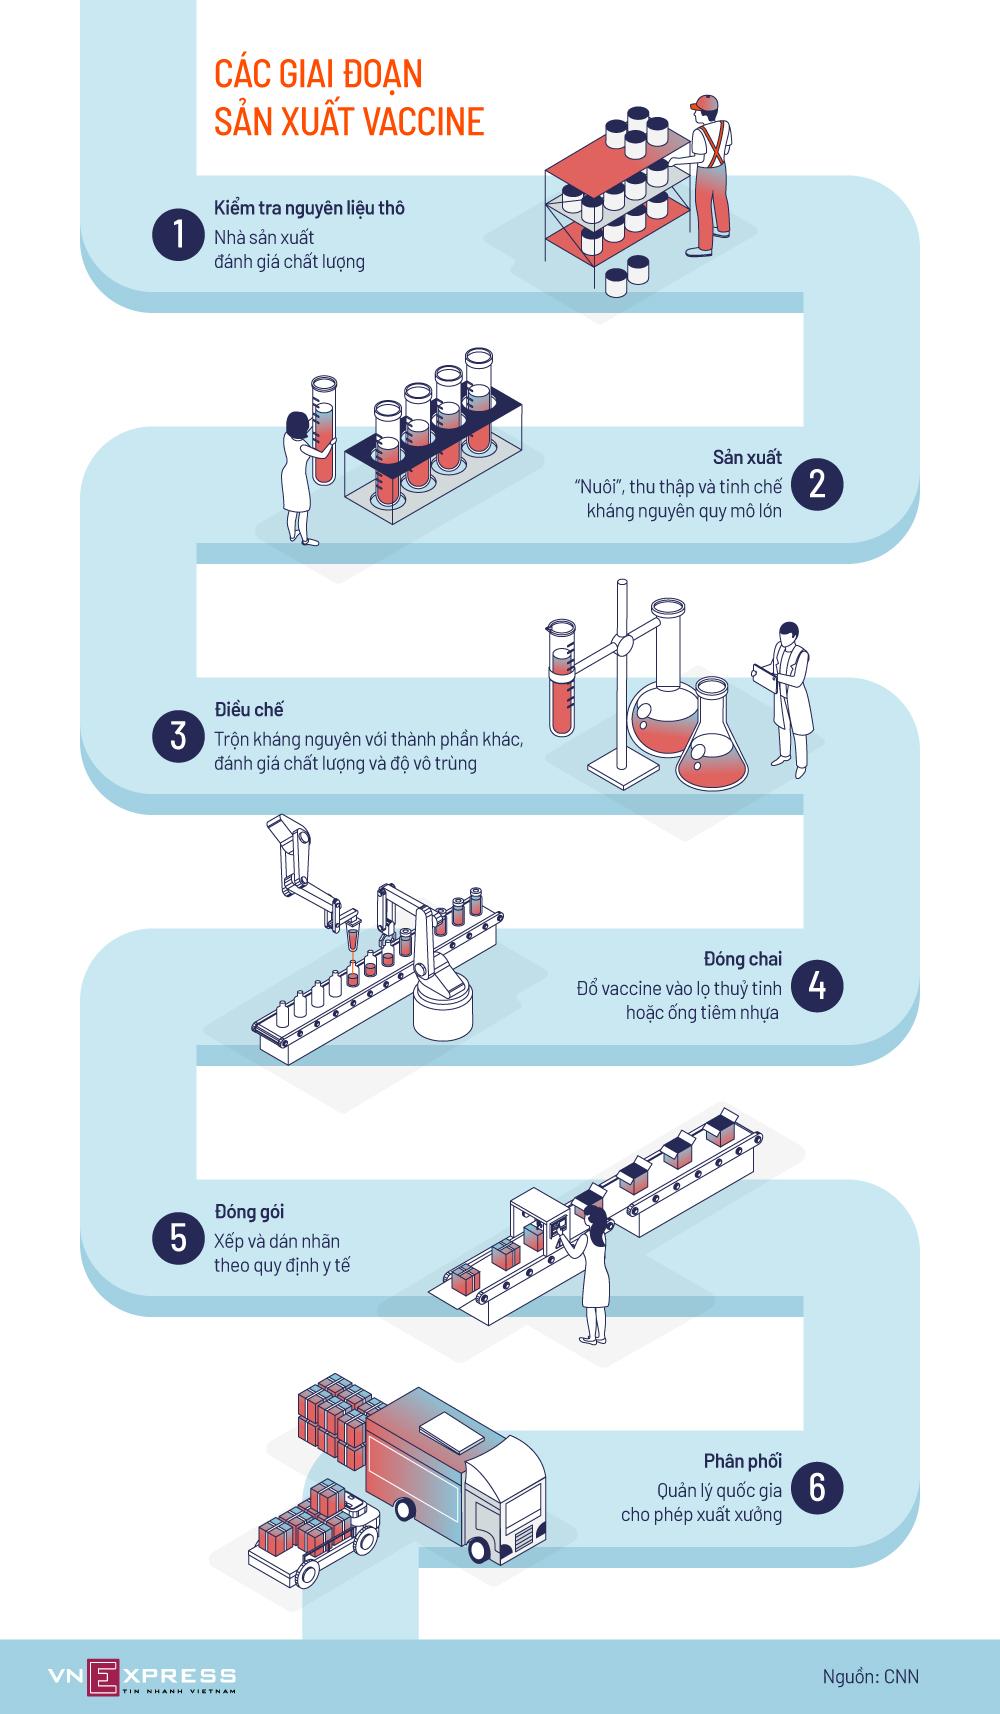 6 công đoạn sản xuất vaccine